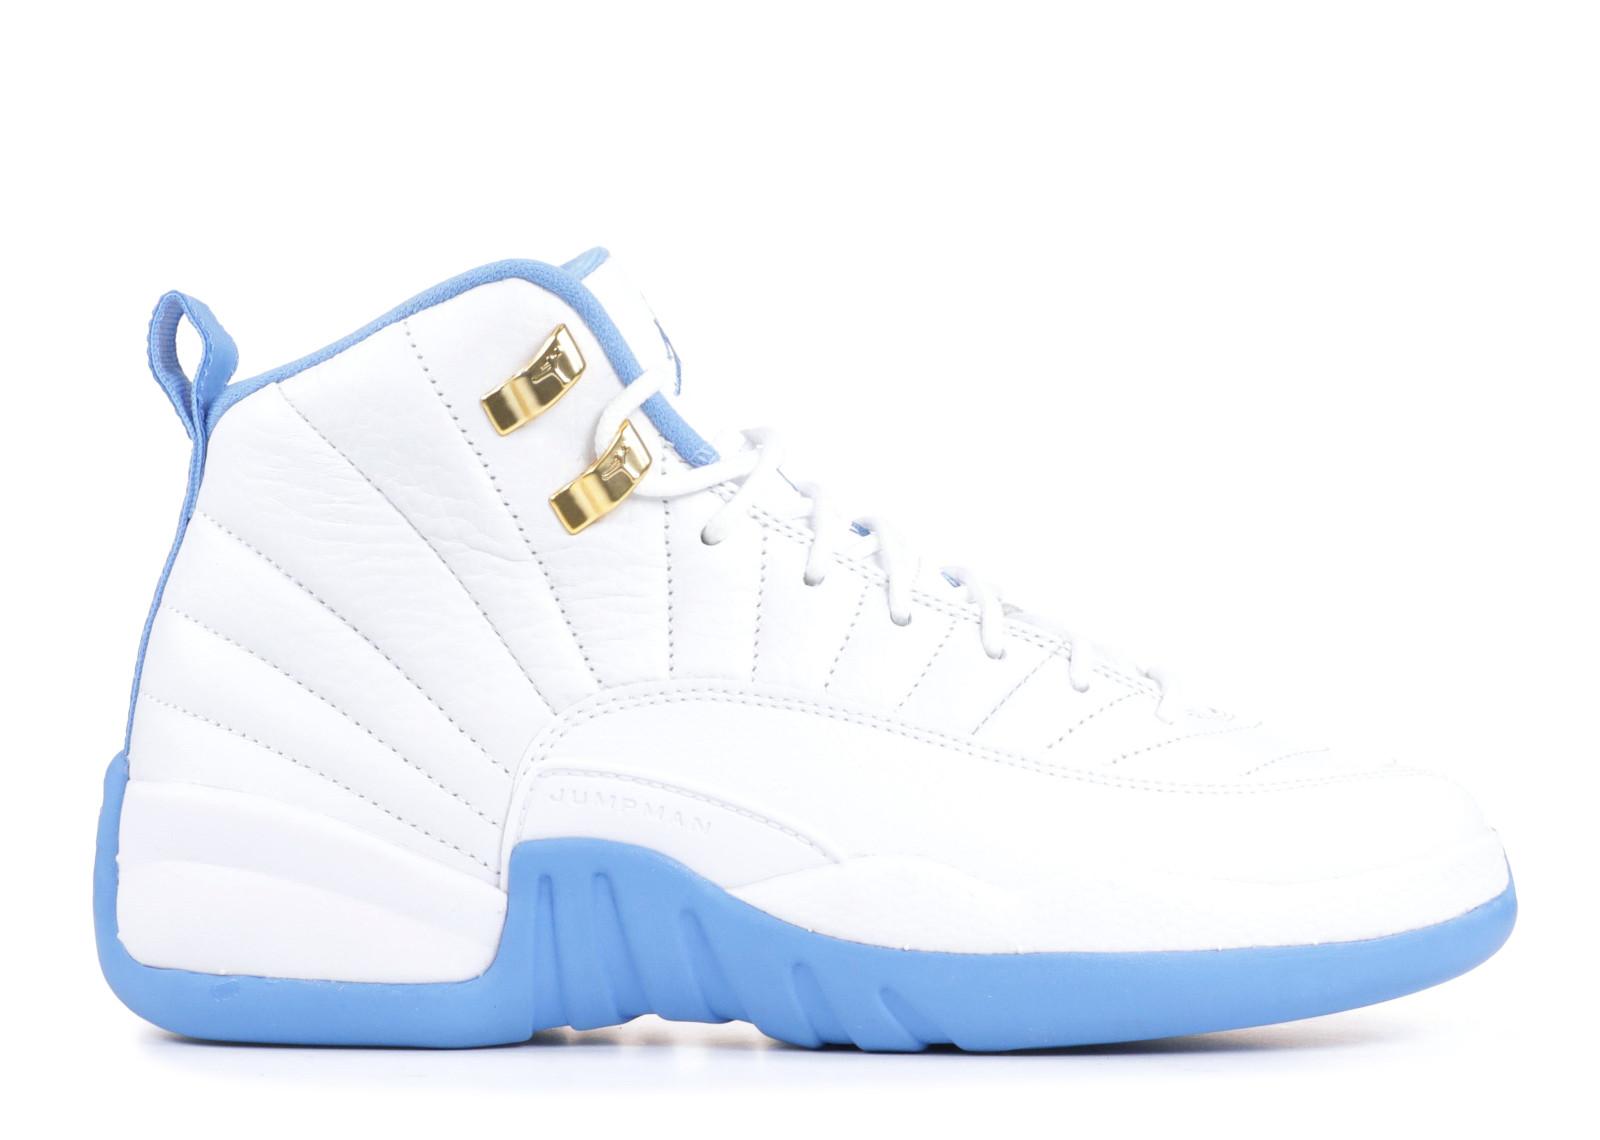 エアー ジョーダン レトロ メロ 青 ブルー メンズ 男性用 靴 メンズ靴 スニーカー 【 AIR JORDAN BLUE 12 RETRO GG GS MELO WHITE METALLIC GOLDUNIVERSITY 】